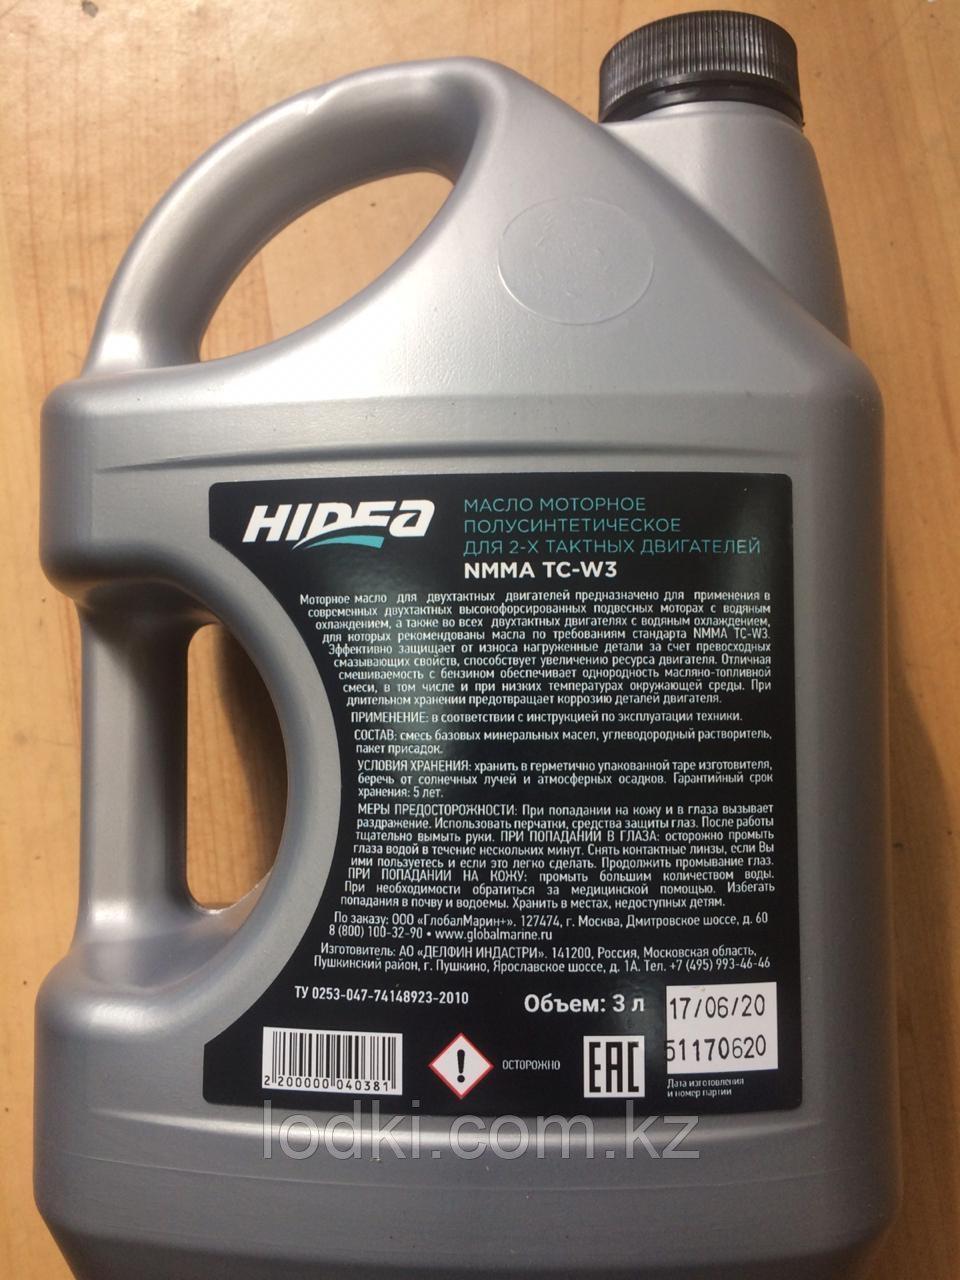 Масло для подвесных лодочных моторов hidea 2t nmma tc-w3 3л - фото 2